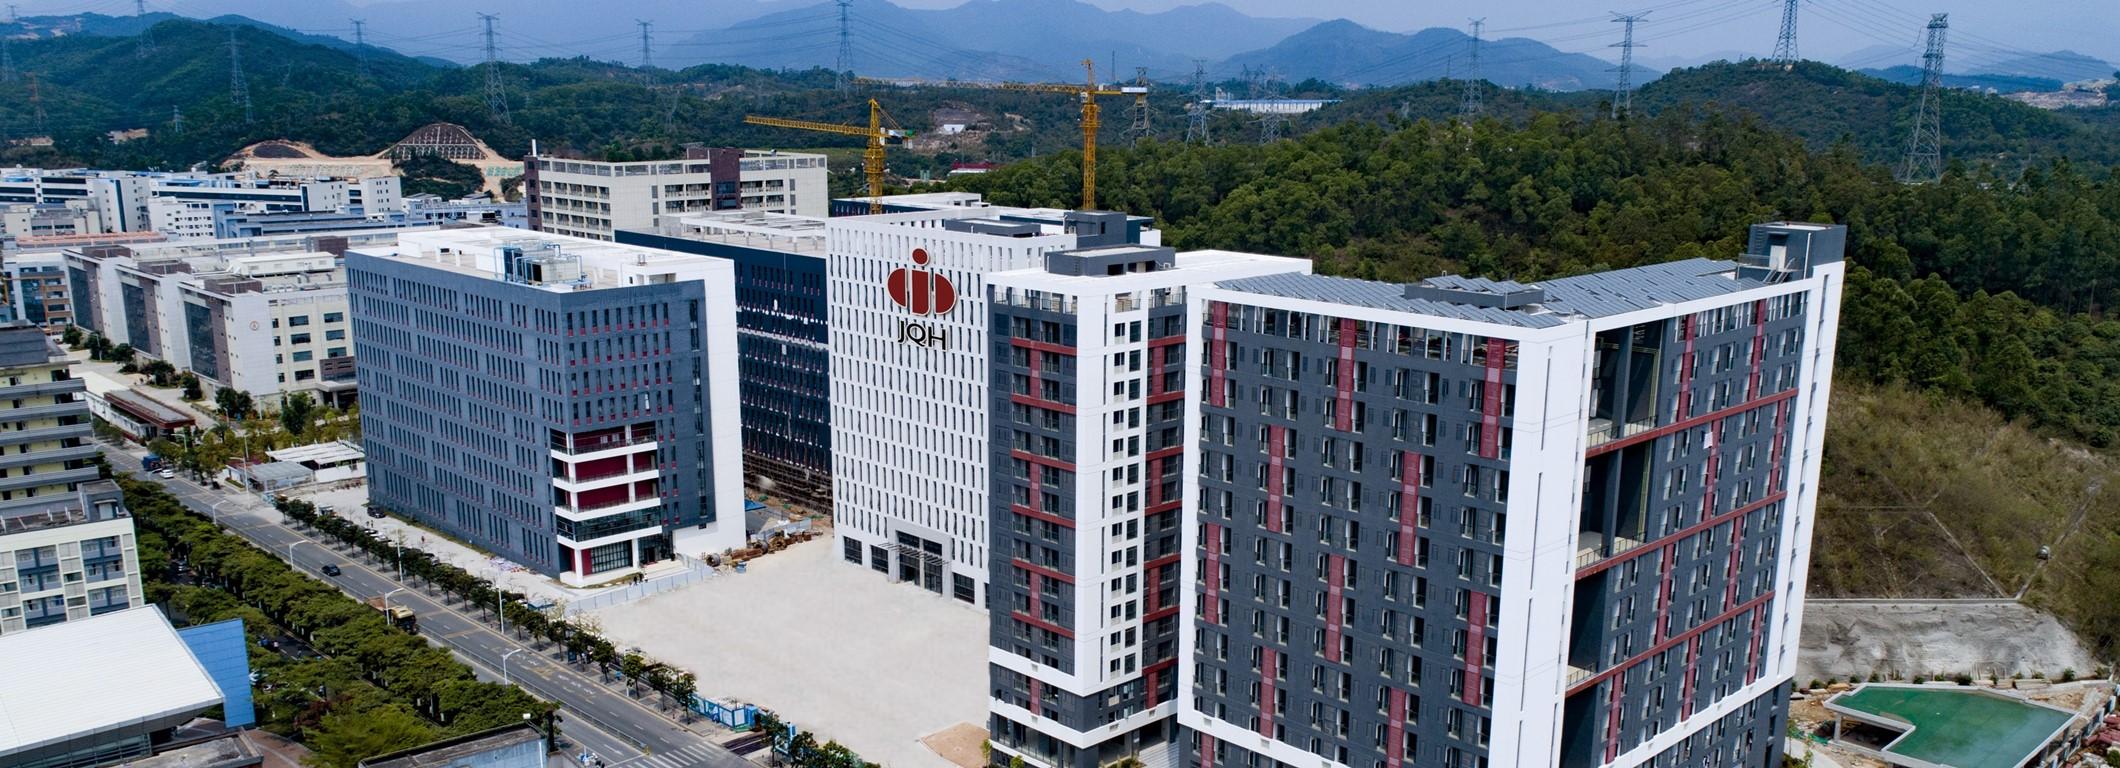 京泉华拟于2021年申请不超过16亿元的综合授信额度